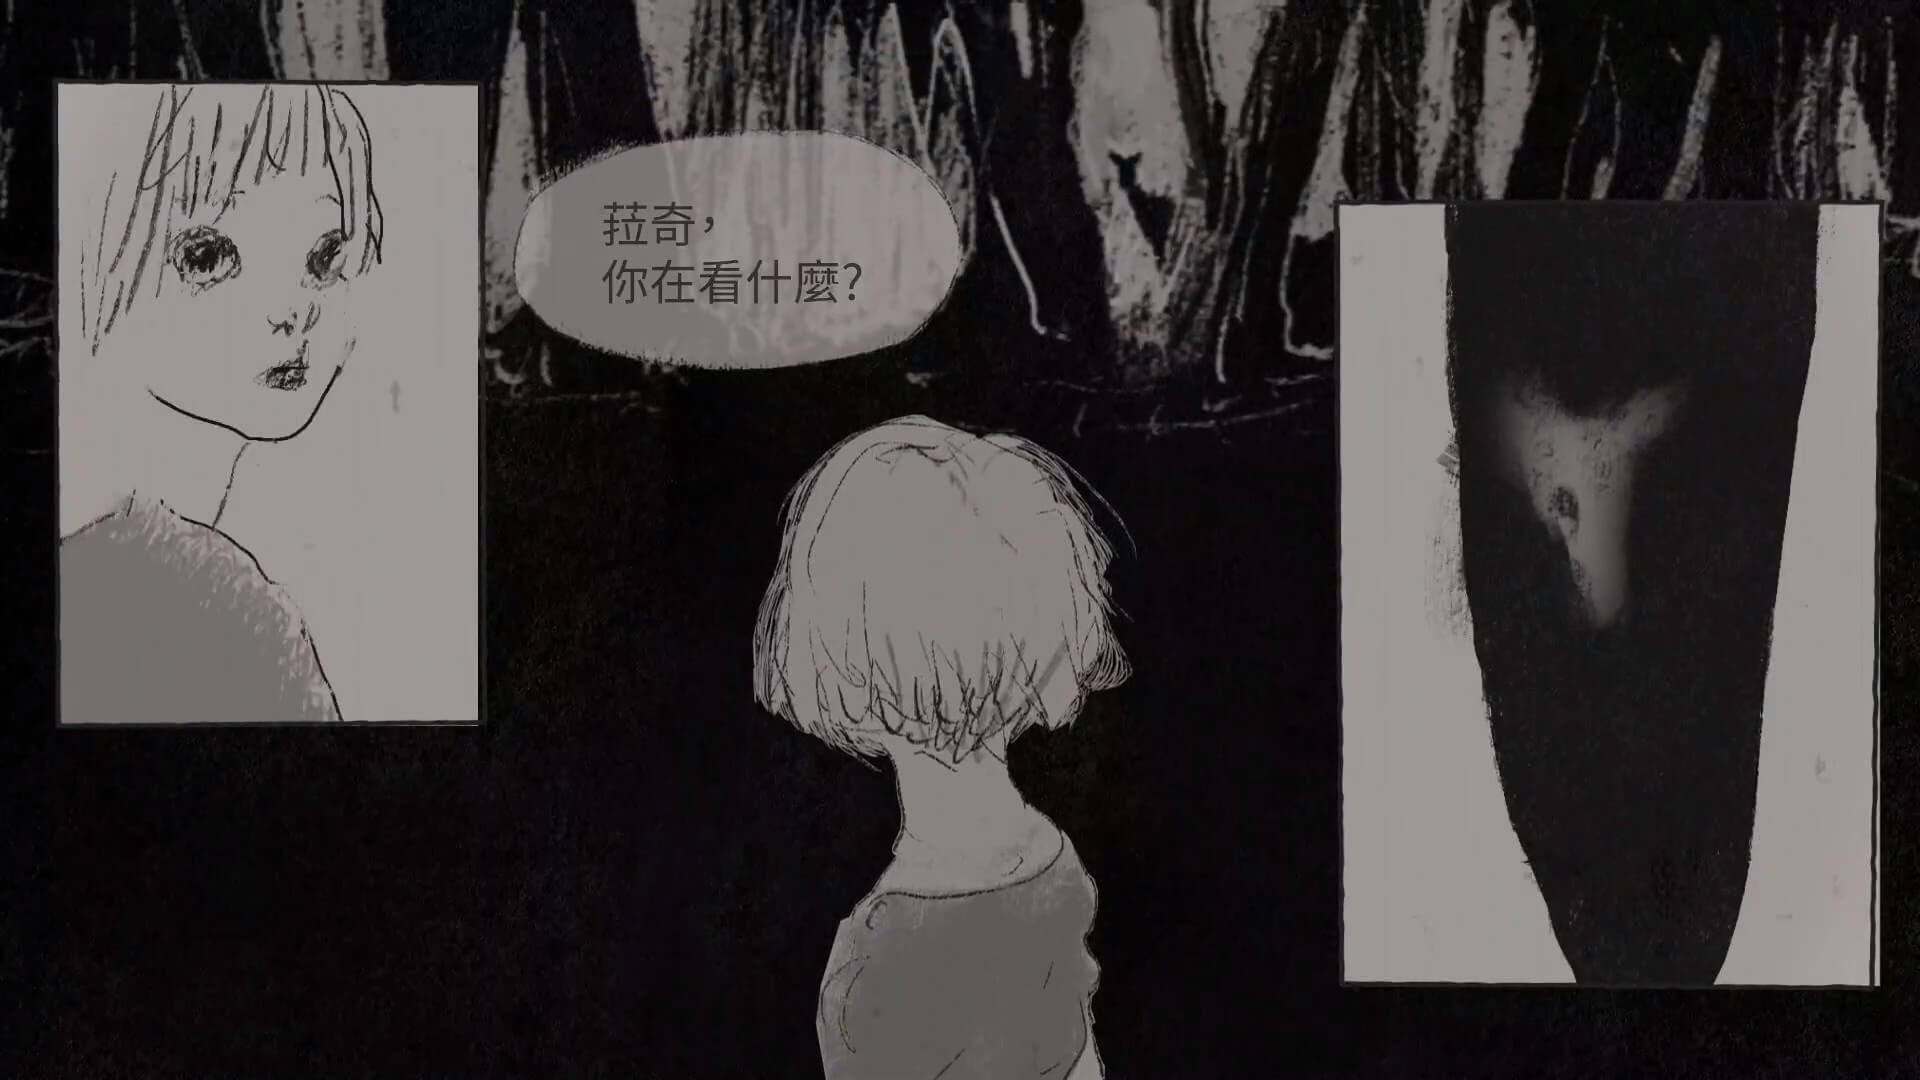 妖怪森林,鬼月,台灣妖怪故事